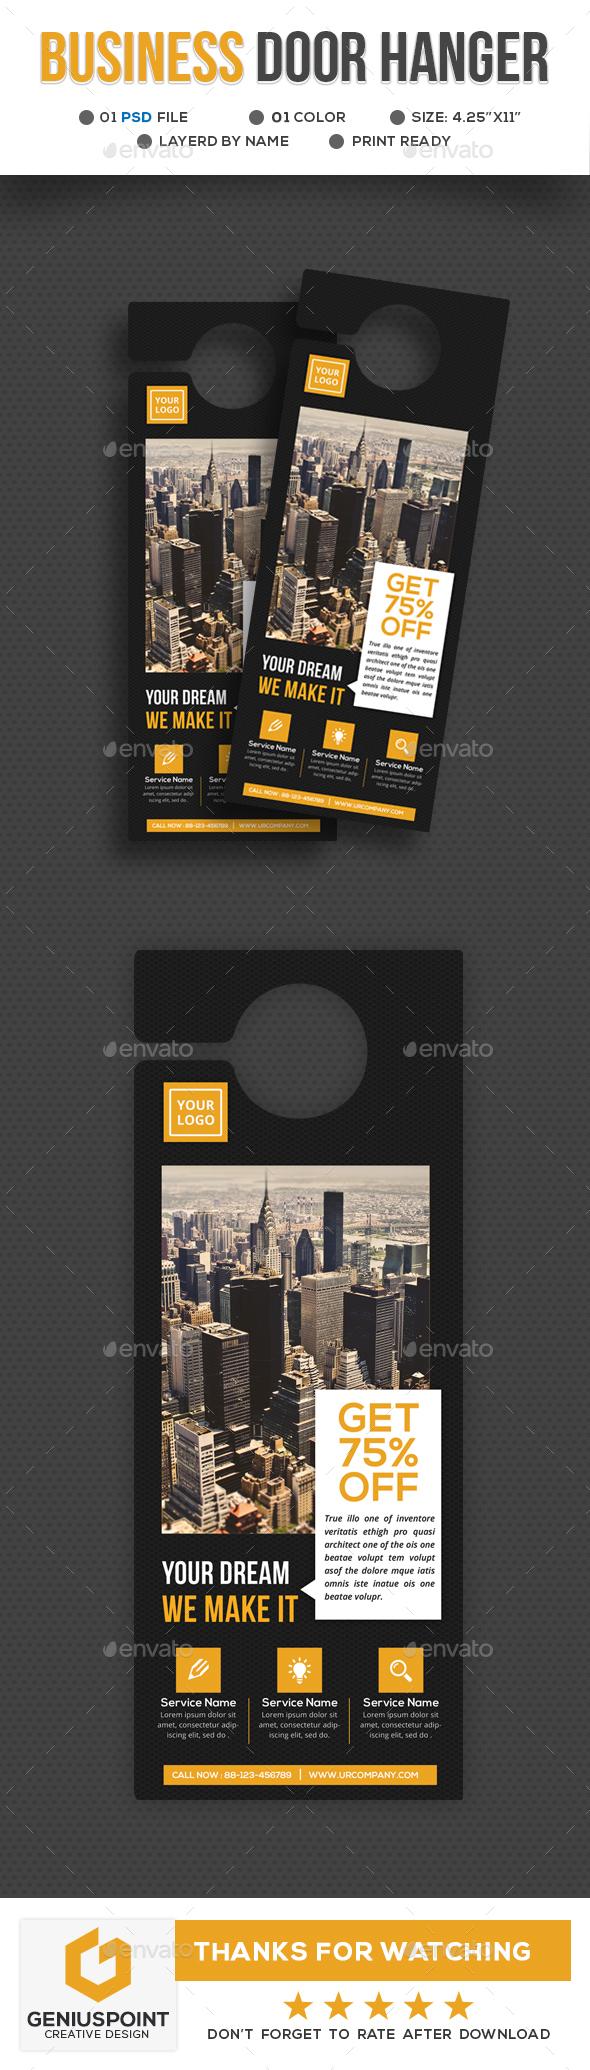 Business Door Hanger Template by GeniusPoint | GraphicRiver